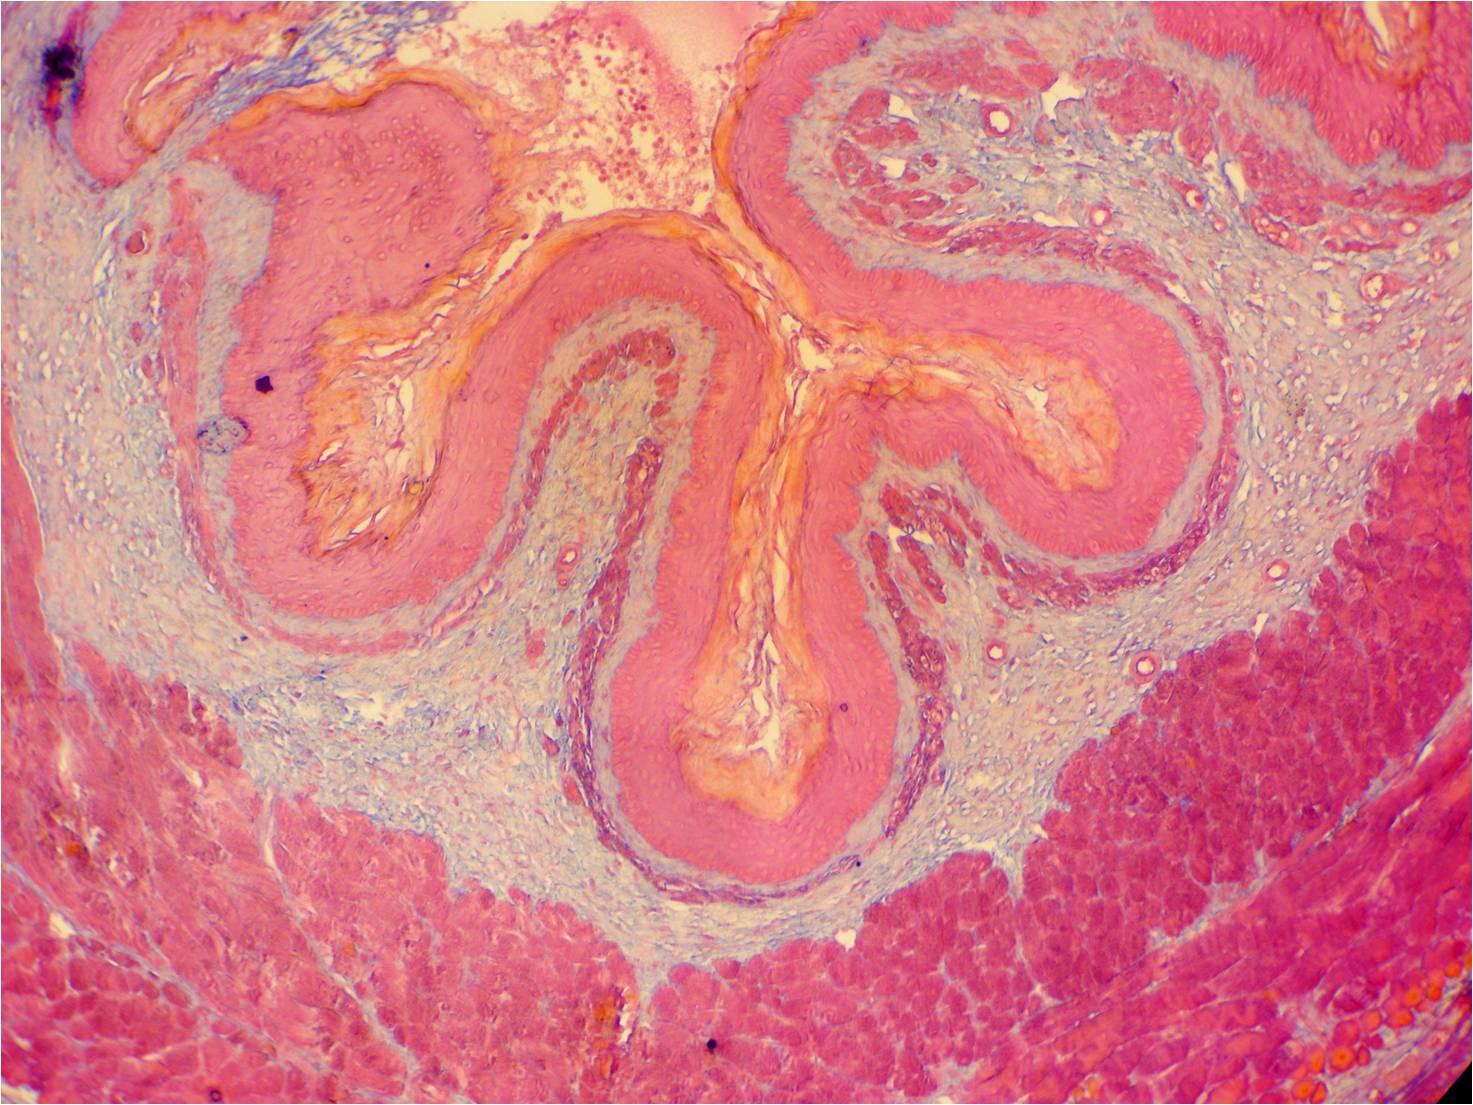 Histologie der Speiseröhre der Ratte